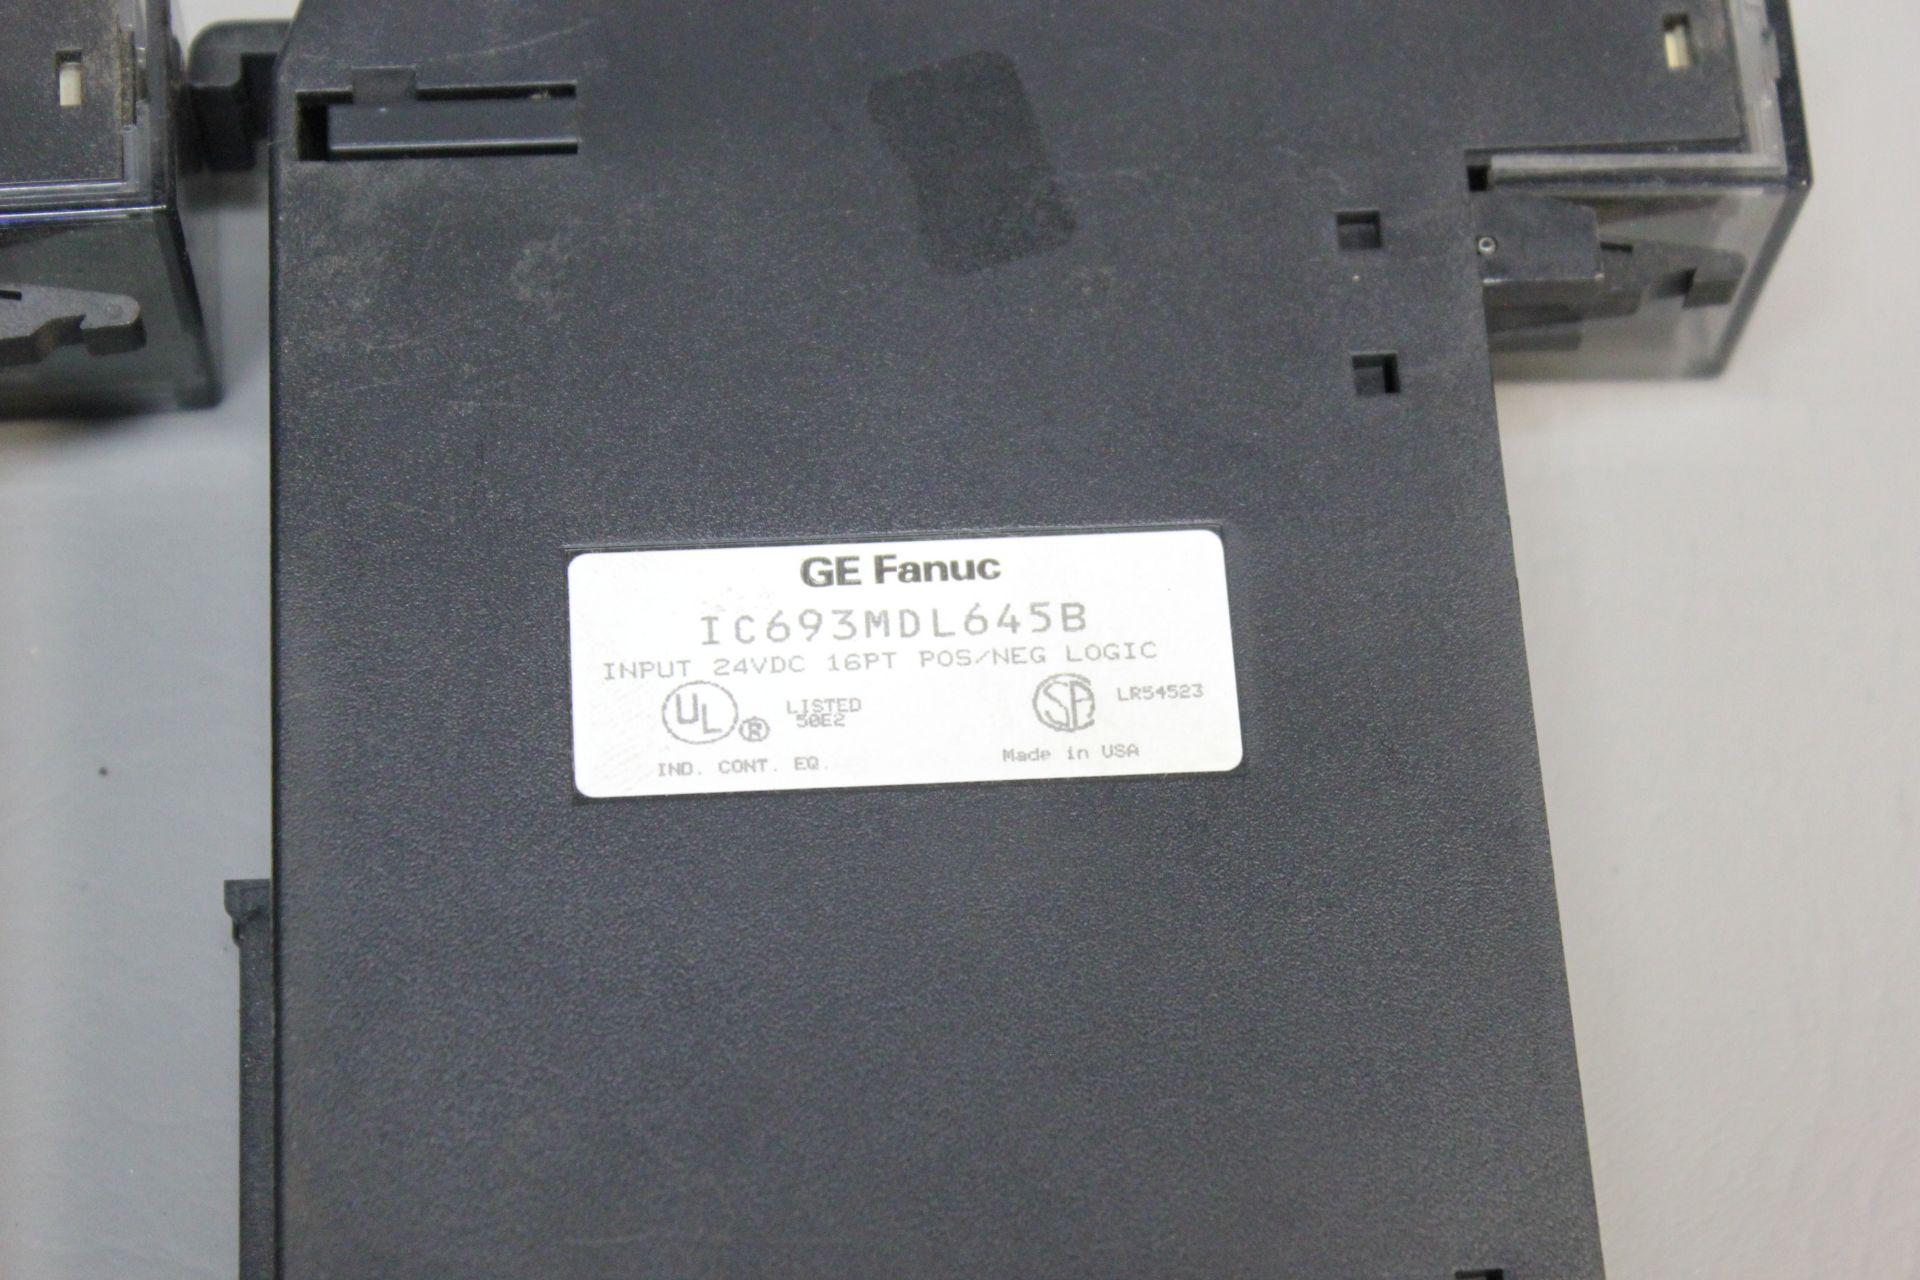 2 GE FANUC PLC MODULES - Image 3 of 4